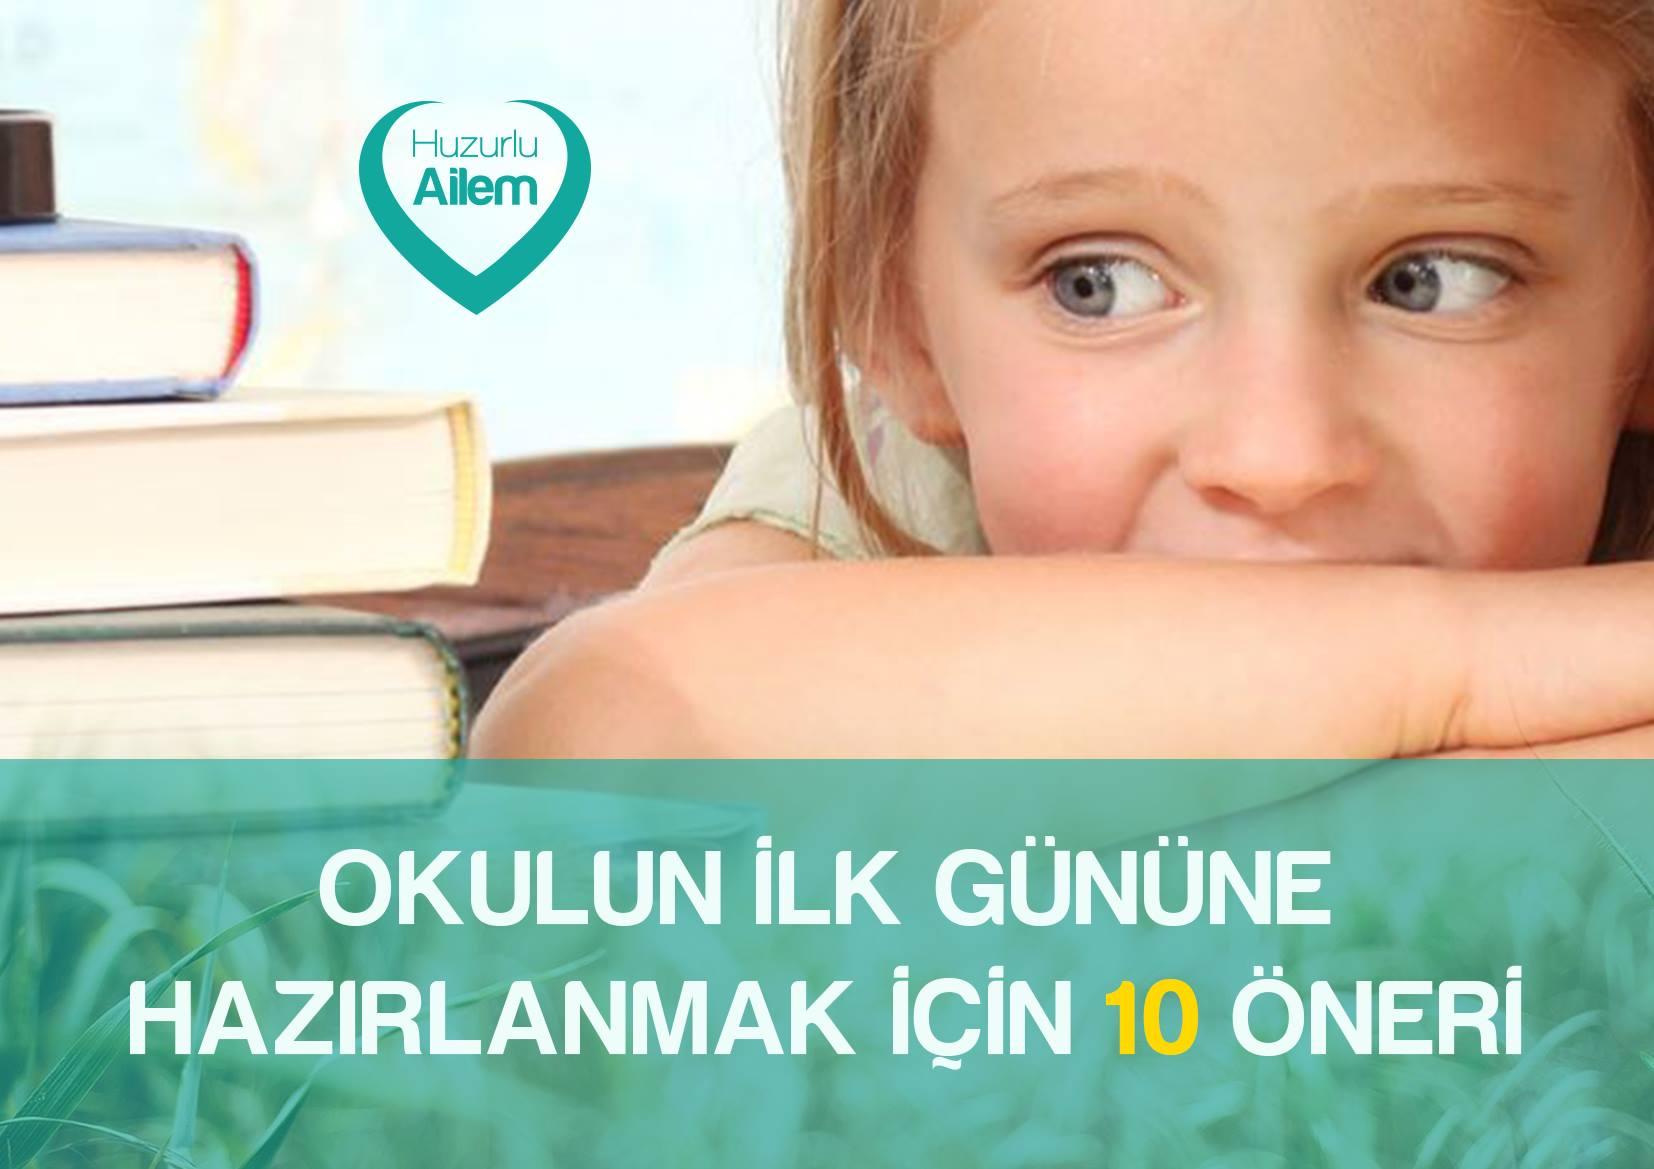 Çocuğunuzu okulun ilk günlerine hazırlanılması için 10 öneri